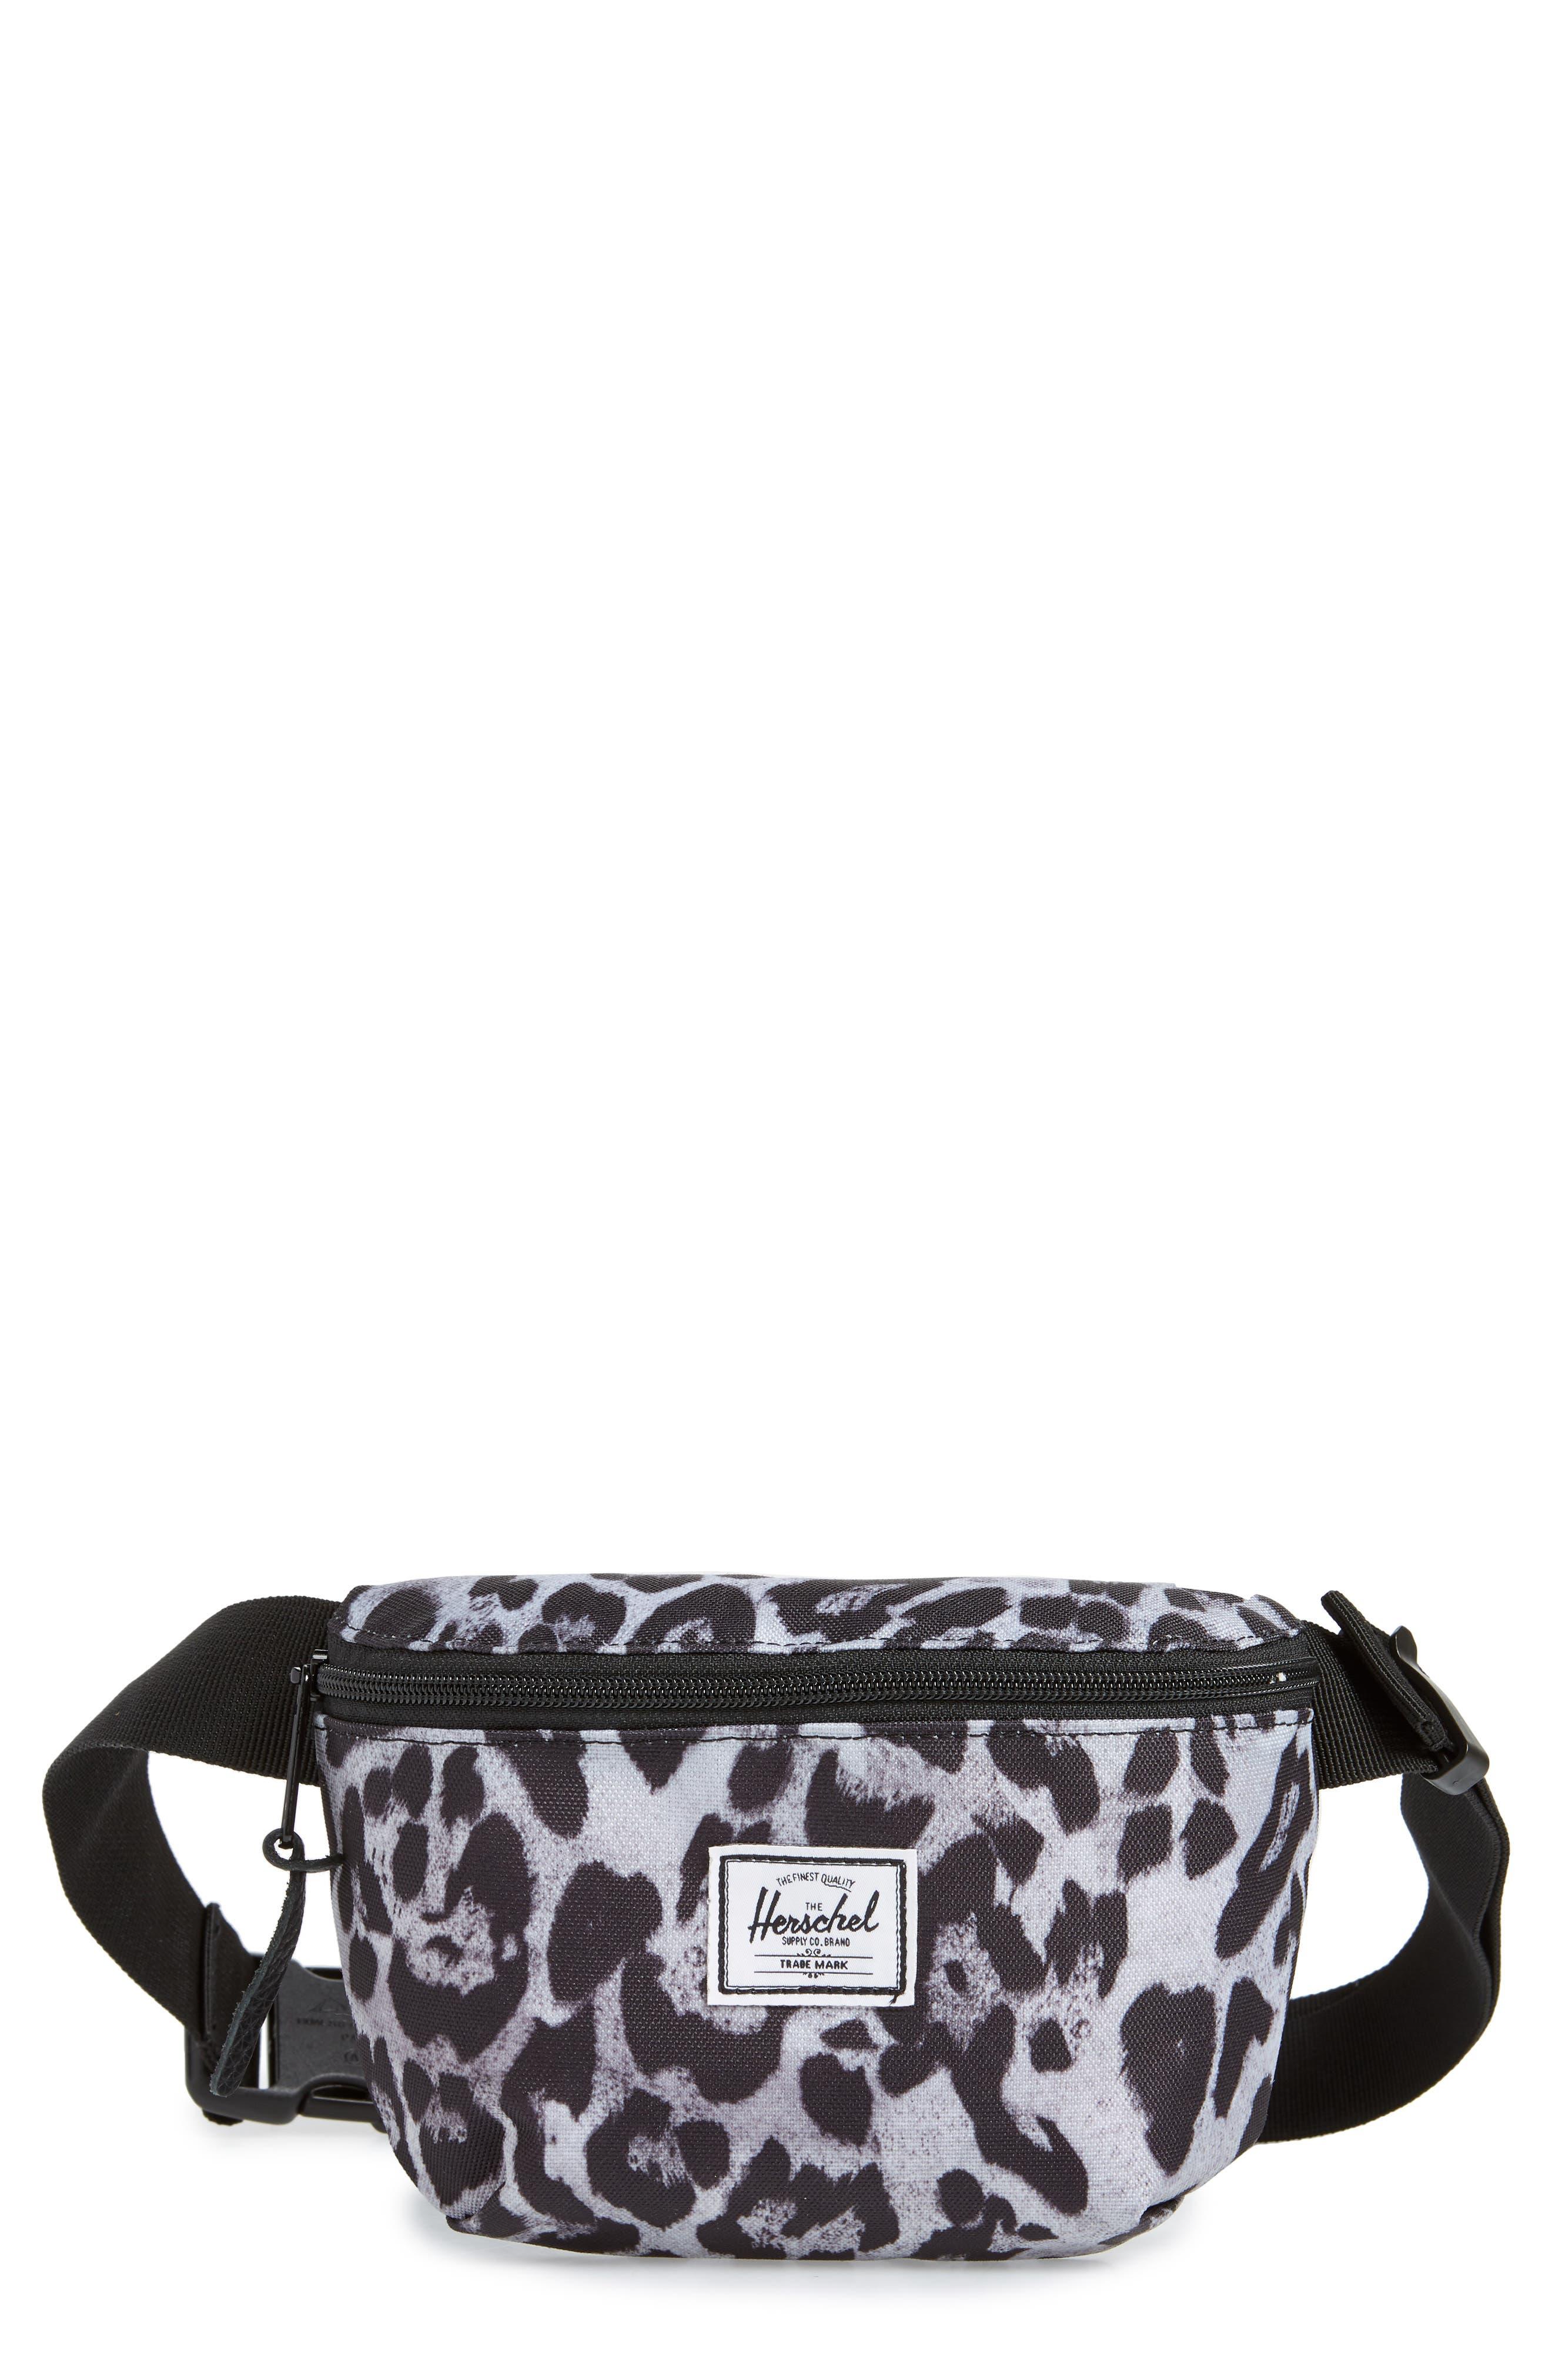 Fourteen Belt Bag, Main, color, 003